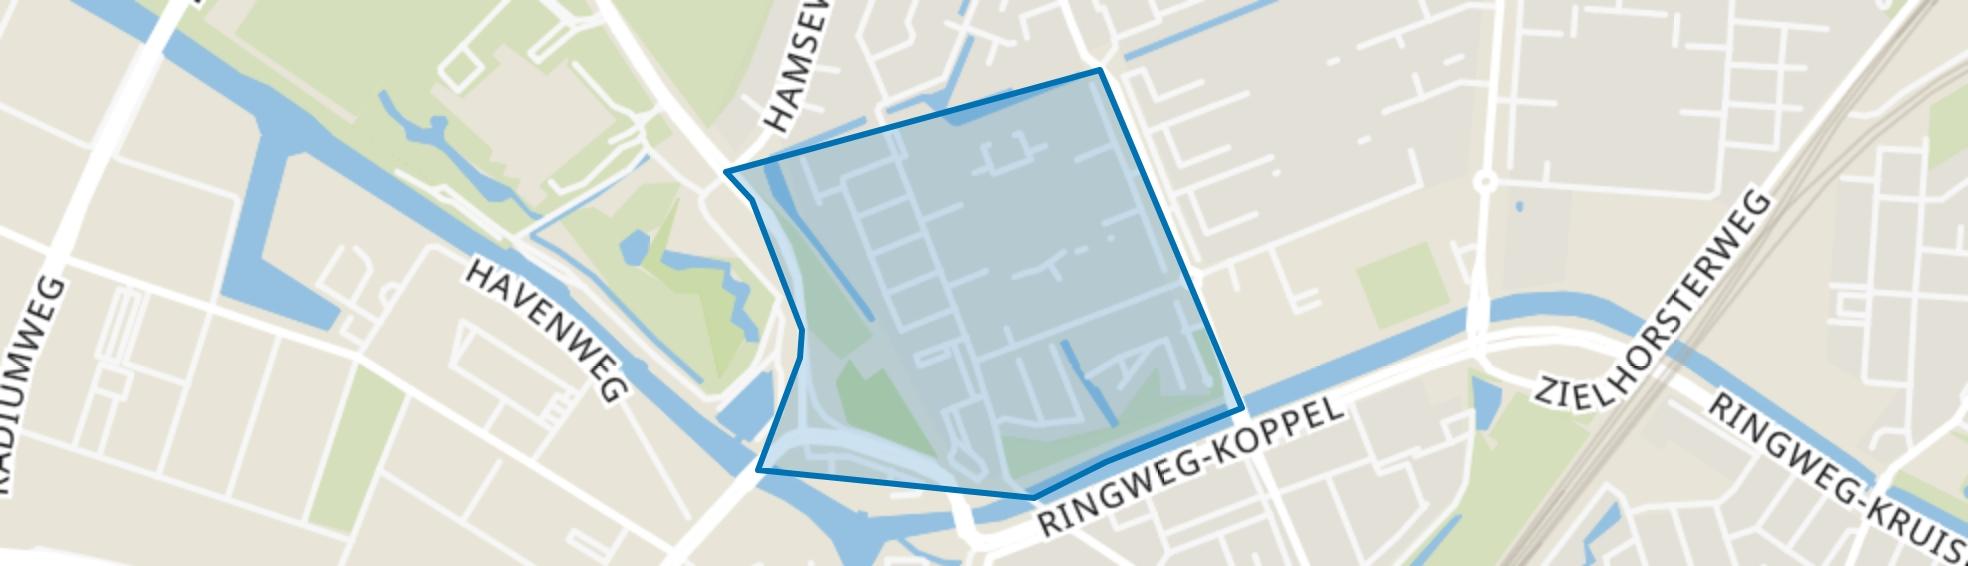 Vuurtoren, Amersfoort map